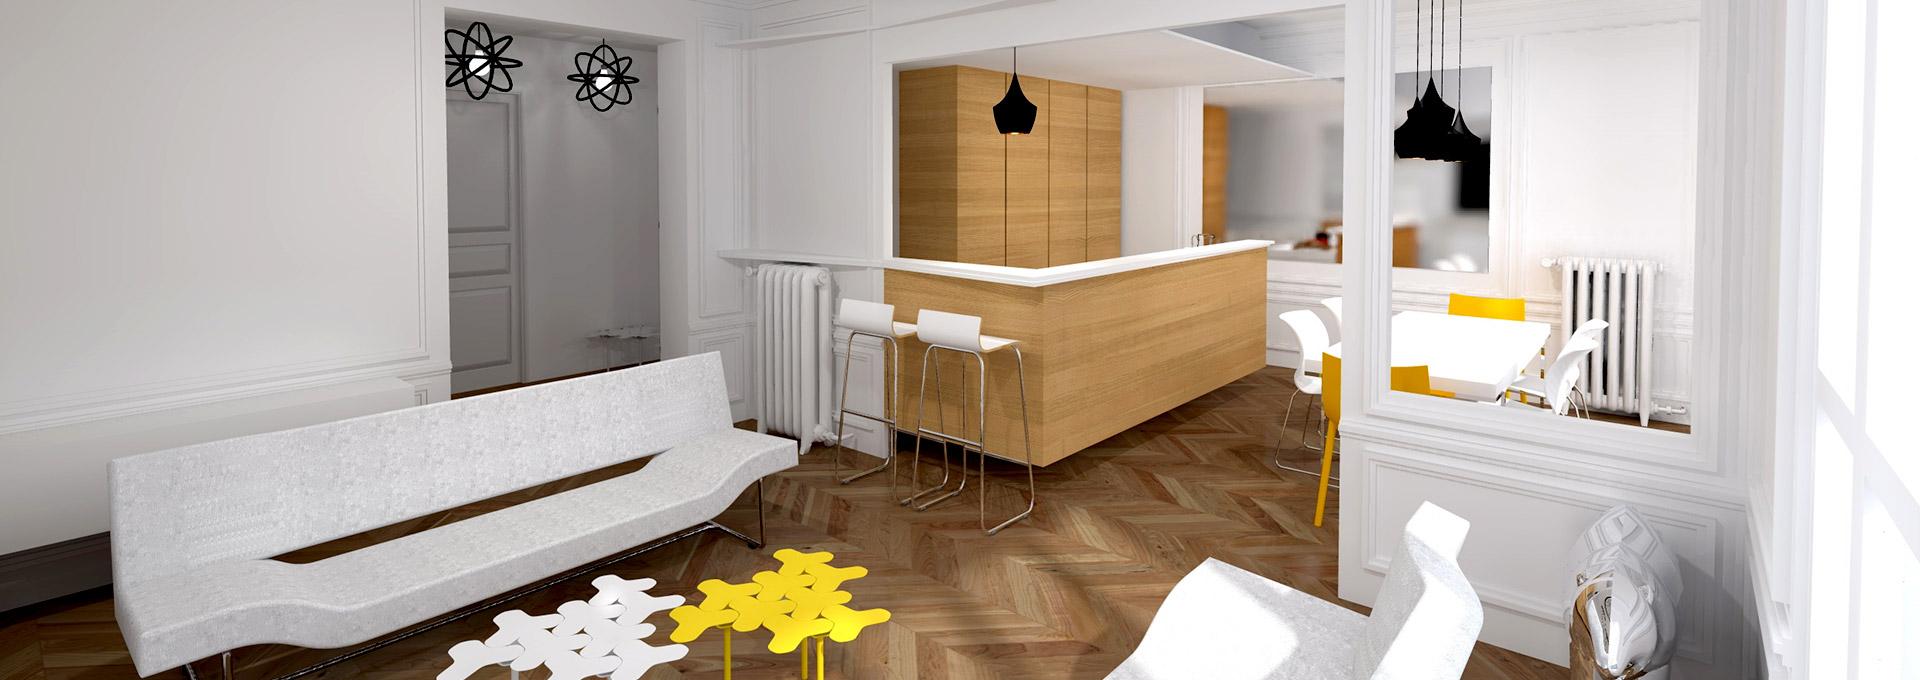 P-Agence-Avous-Appartement-Haussmanien-16eme-piece-a-vivre